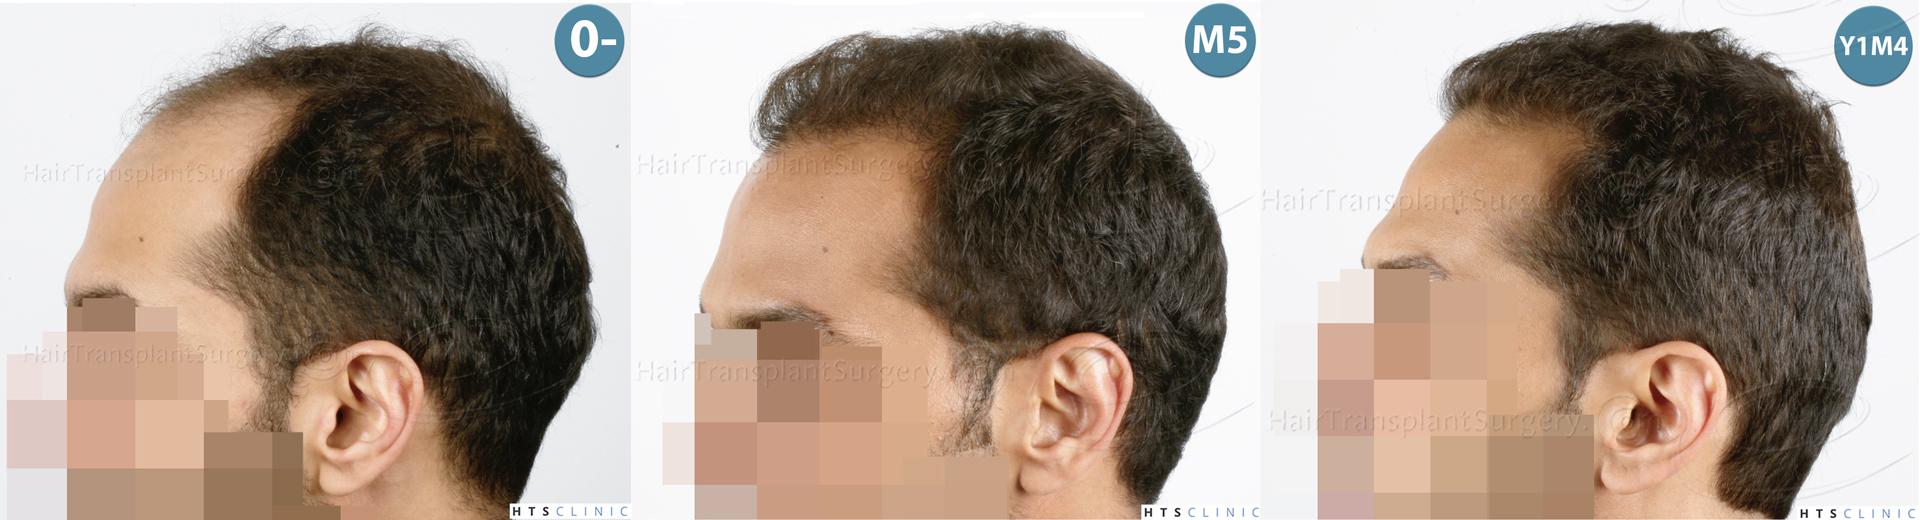 Dr.Devroye-HTS-Clinic-3757-FUT_2138-FUE-Montage3.jpg